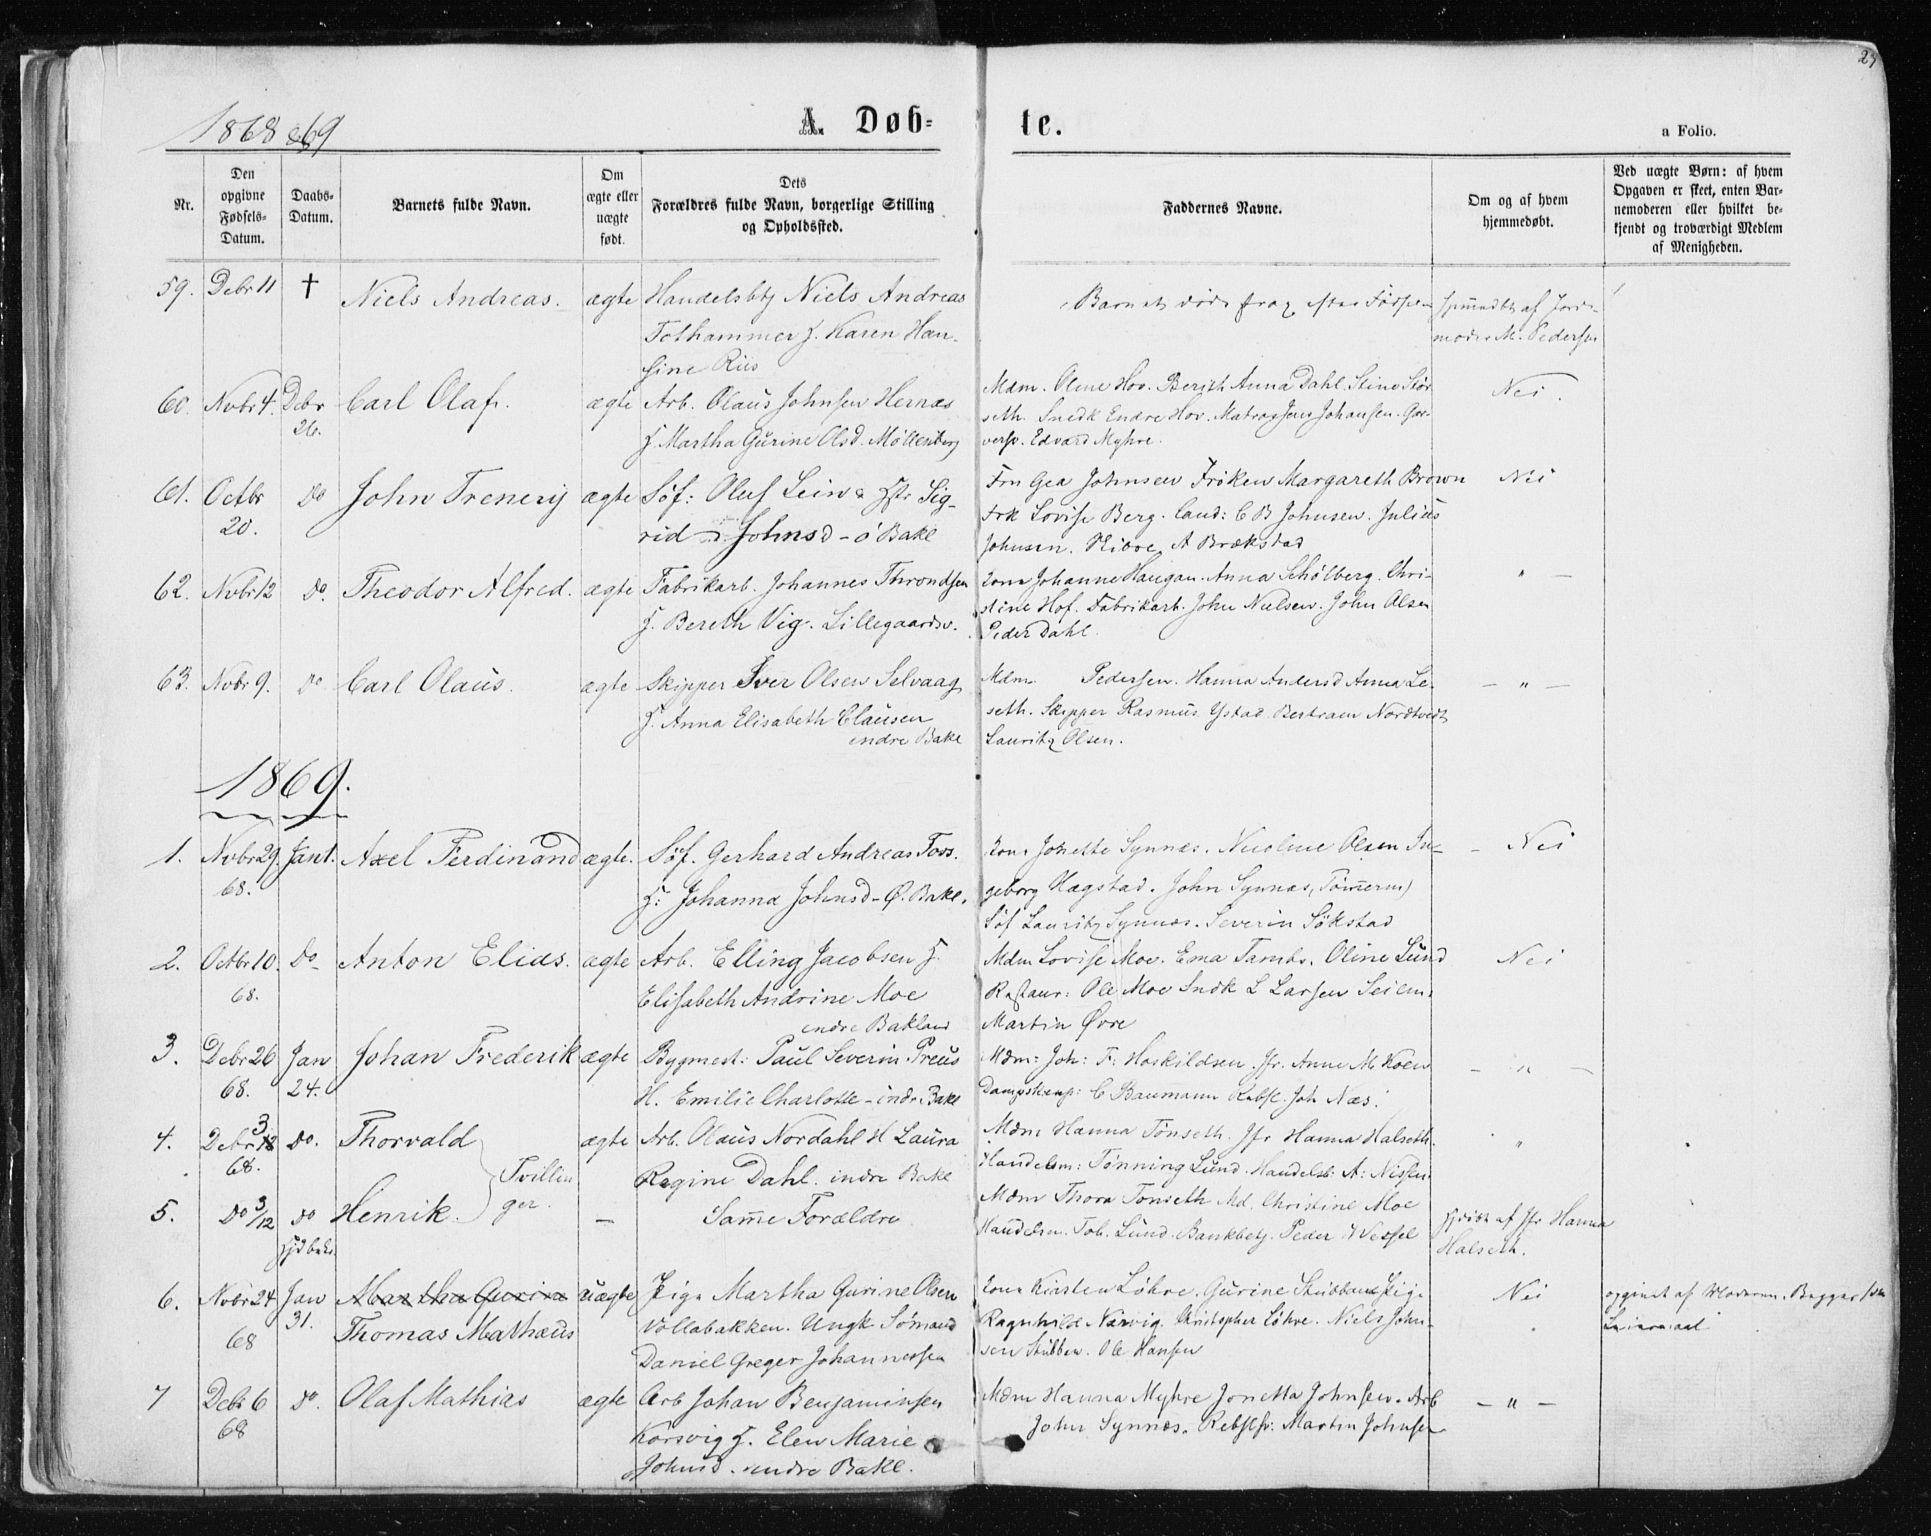 SAT, Ministerialprotokoller, klokkerbøker og fødselsregistre - Sør-Trøndelag, 604/L0186: Ministerialbok nr. 604A07, 1866-1877, s. 27